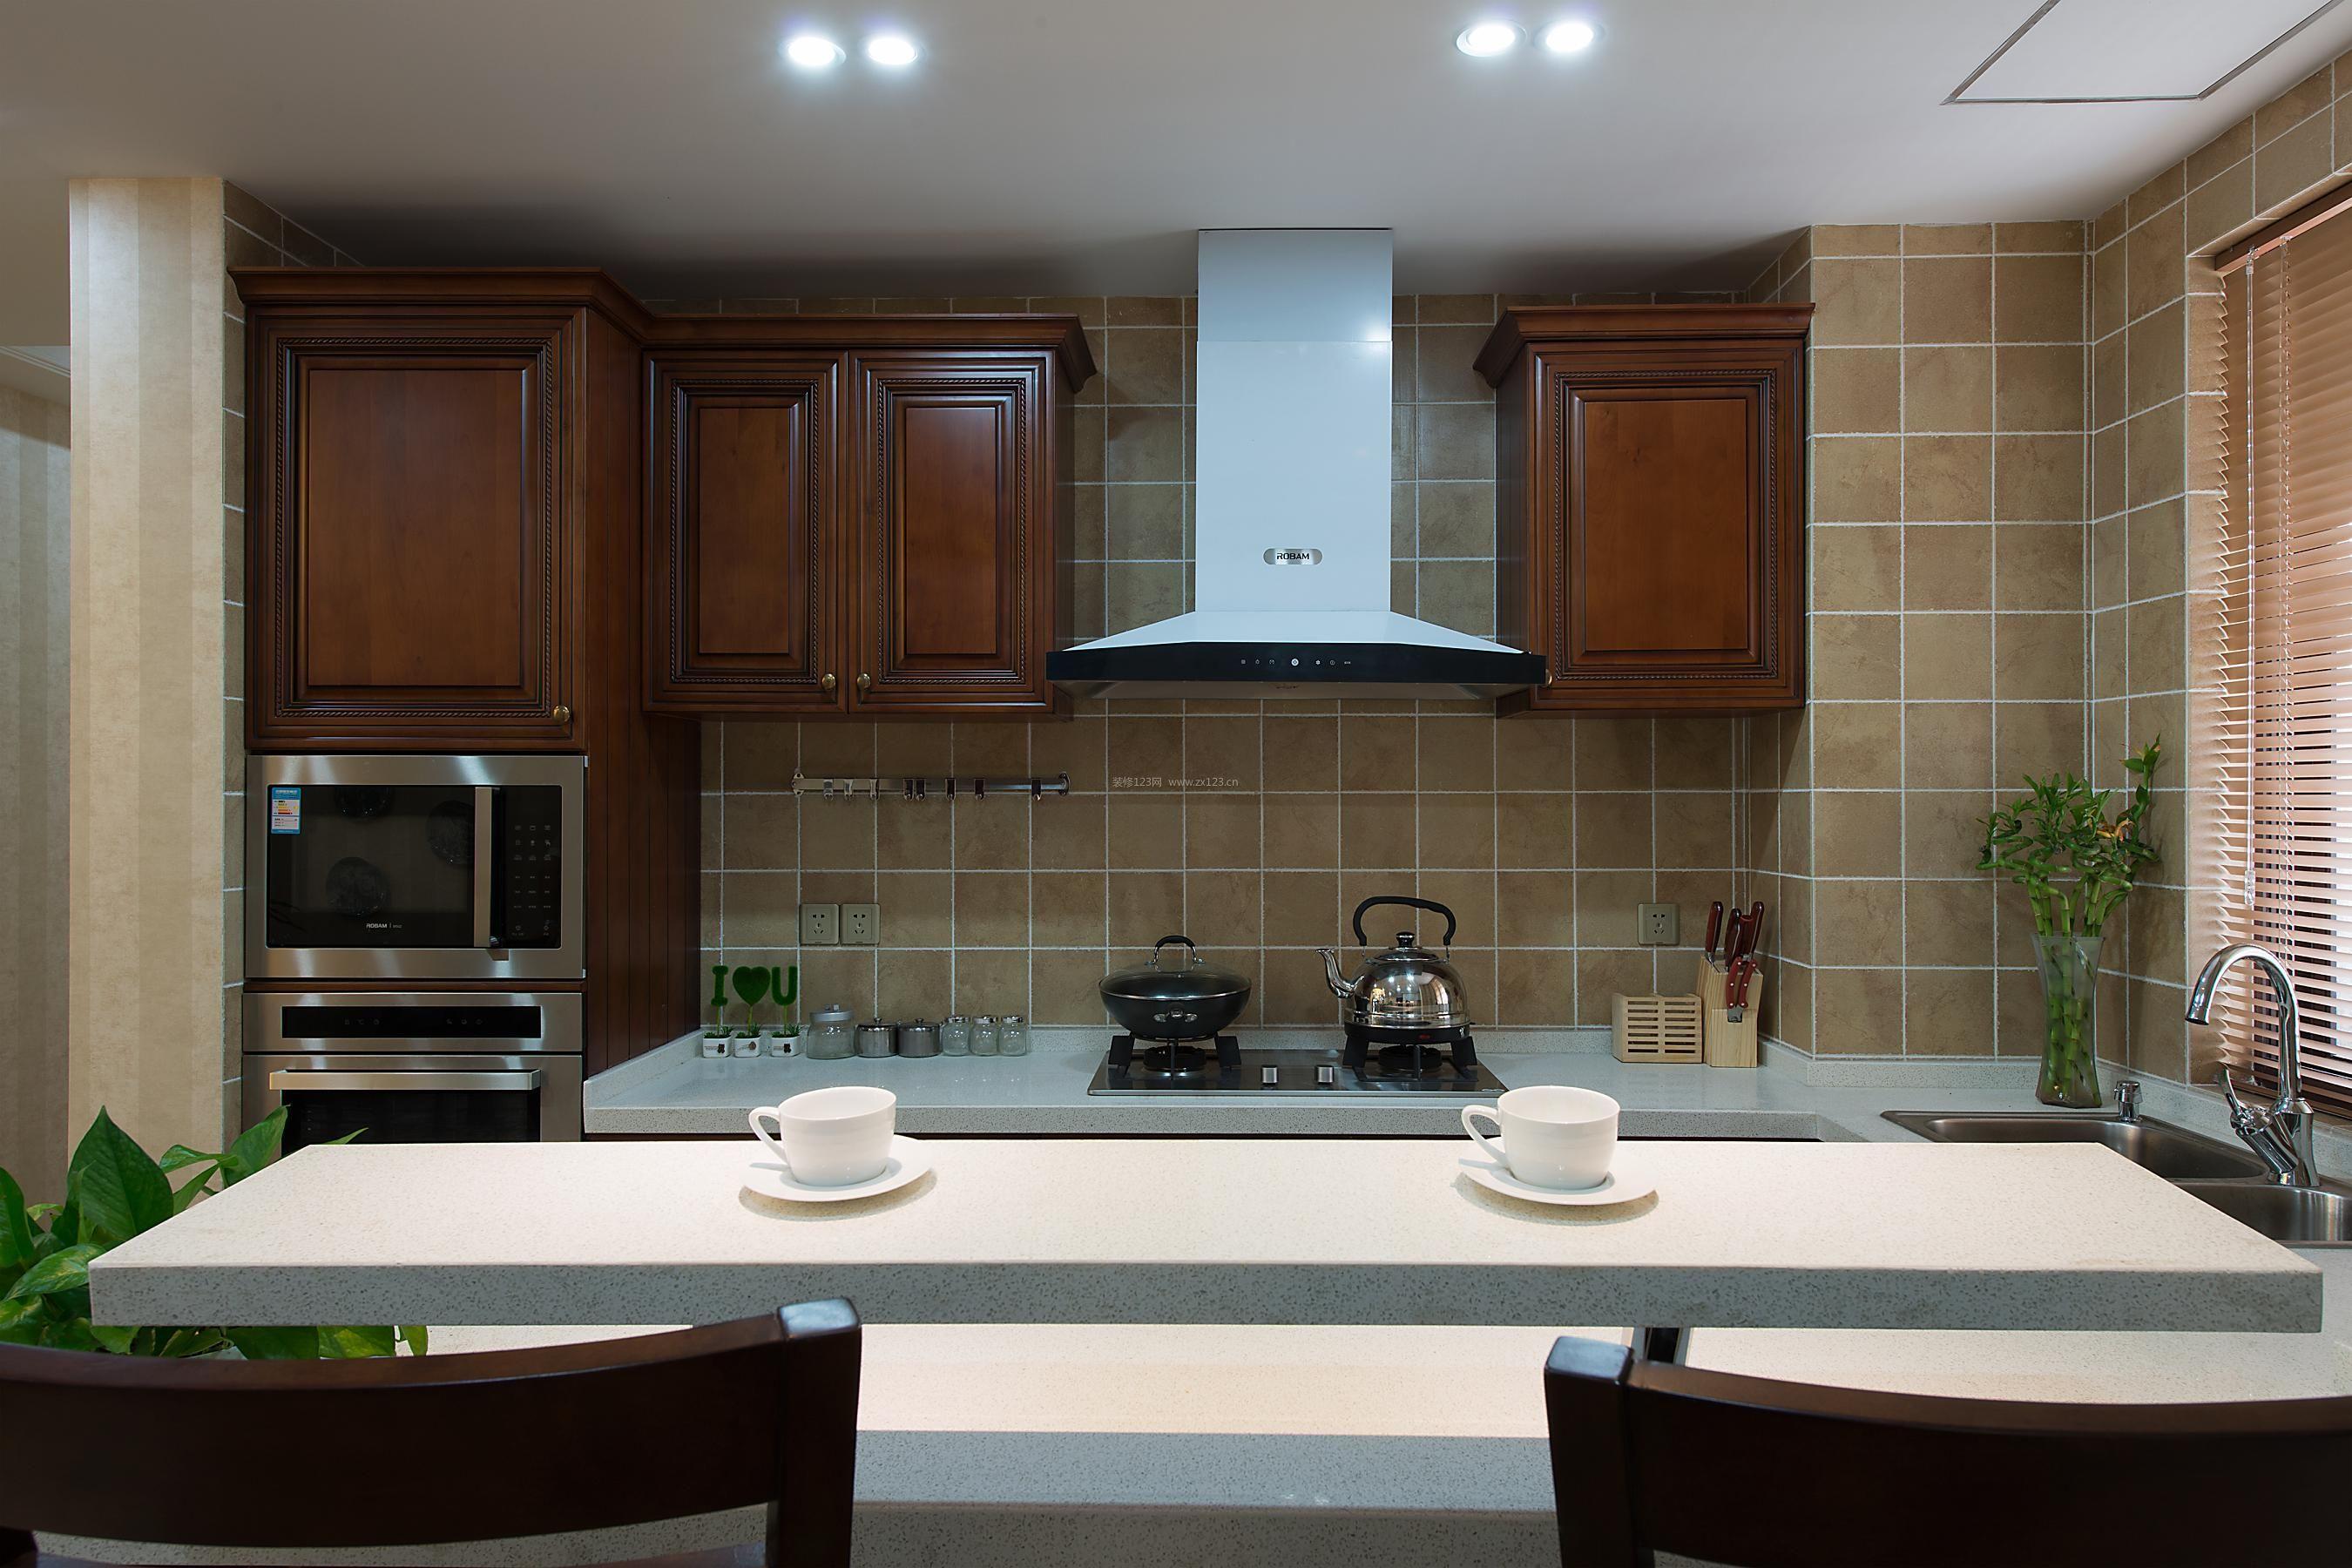 2017经典美式厨房实木整体橱柜设计效果图片